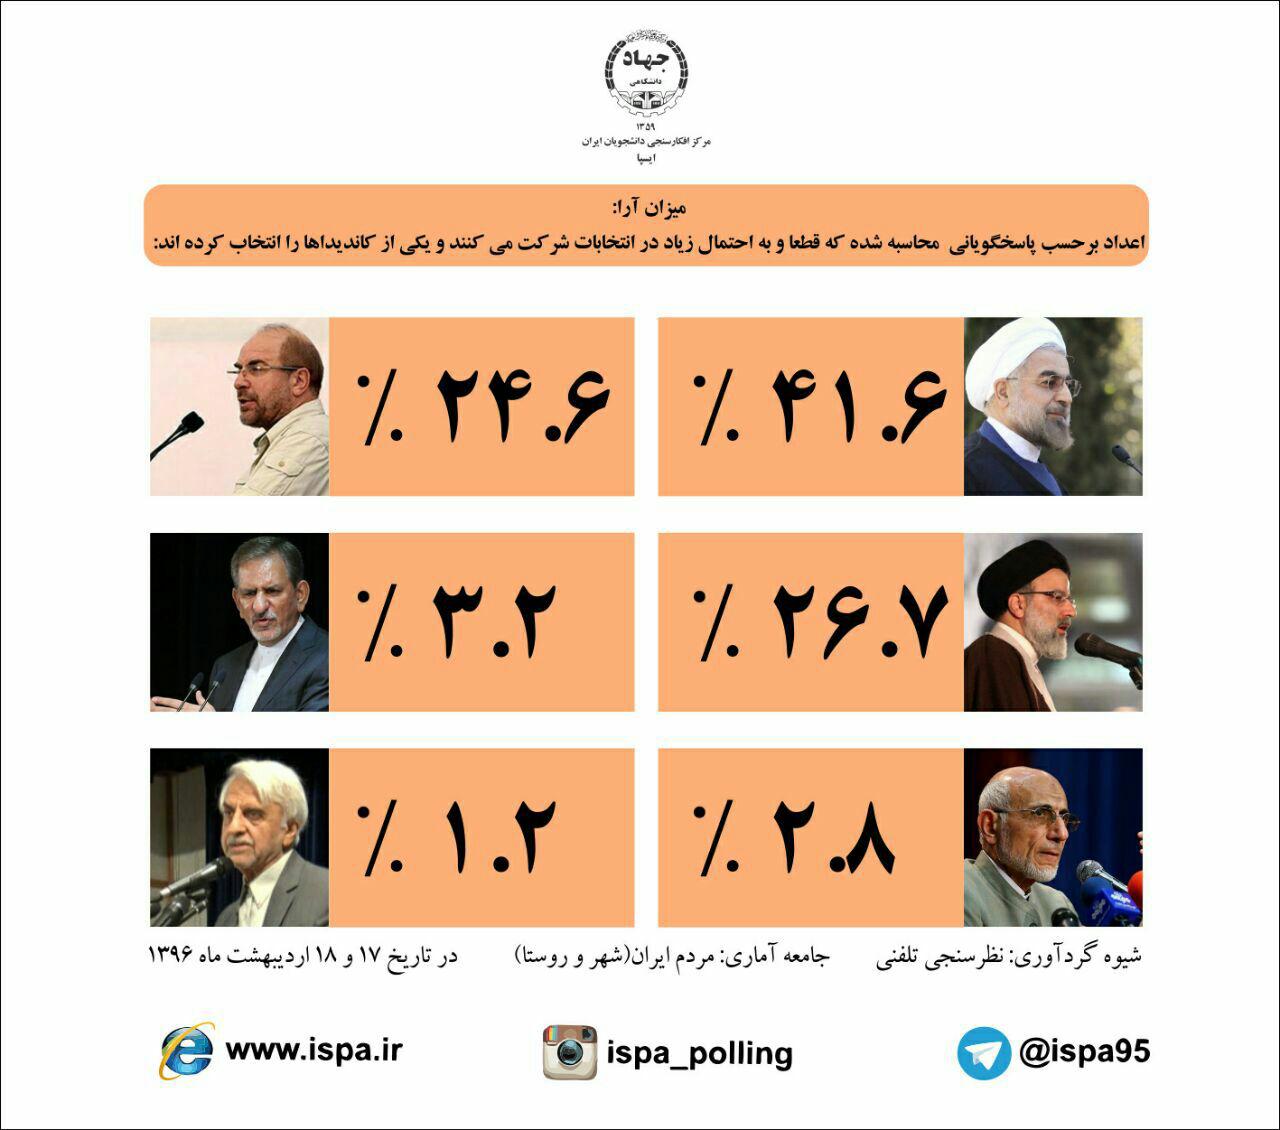 تصاویری از آخرین نظرسنجیهای انتخاباتی؛ رقابت نزدیک روحانی با رقیبان!